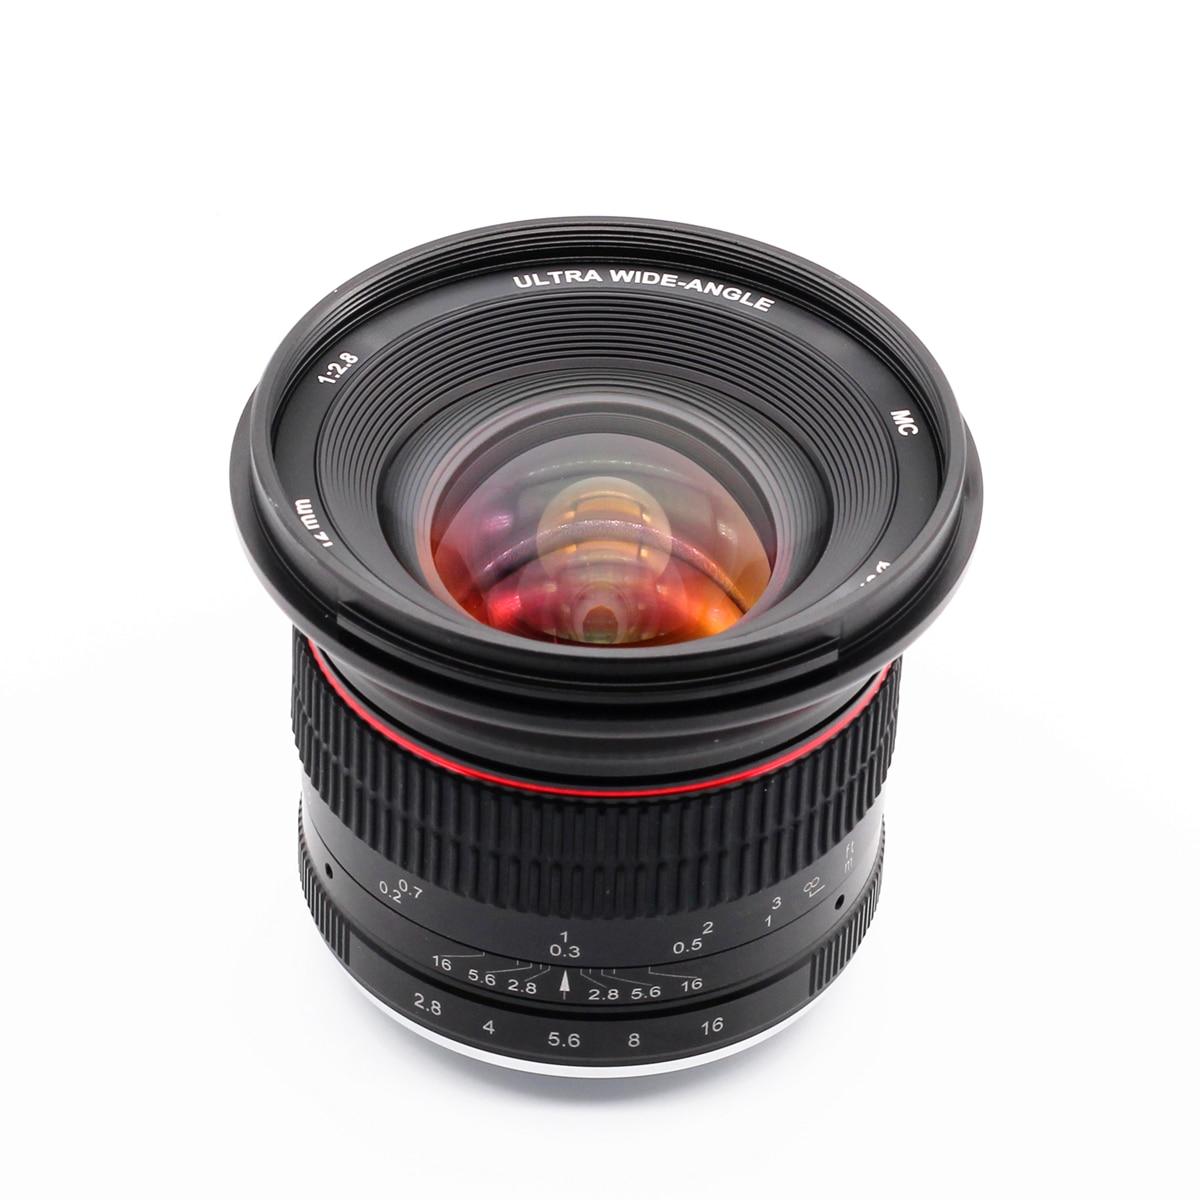 12mm F/2.8 Wide Angle Manual MFT Lens For Panasonic Olympus M43 Micro 4/3 E-P5 E-M5 E-M10 Mark II III GX9 GX85 G90 G9 12 Mm F2.8